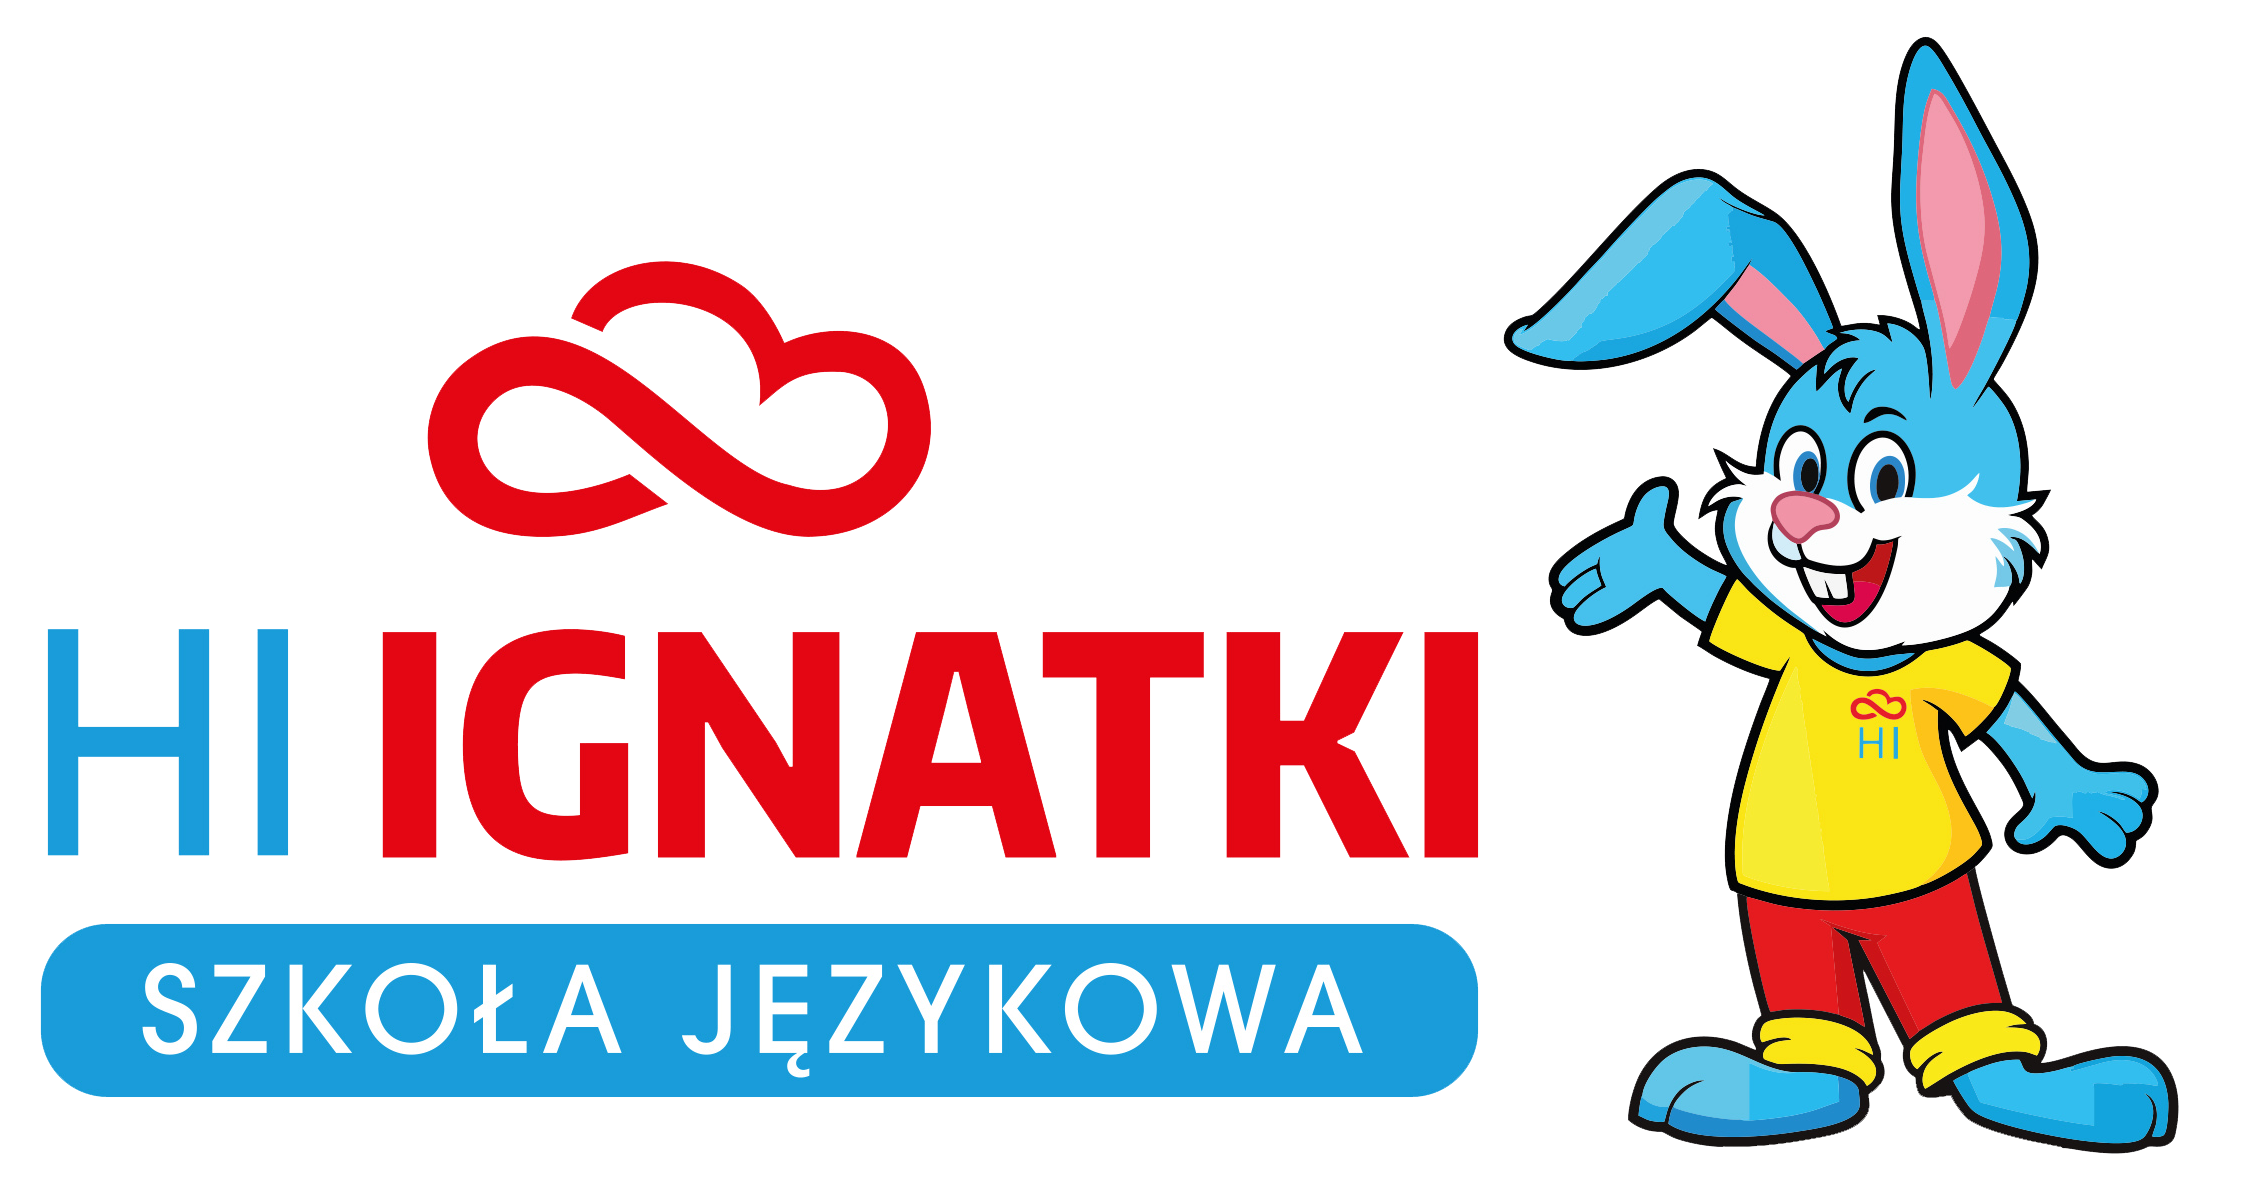 Ignatki – Szkoła Językowa Białystok